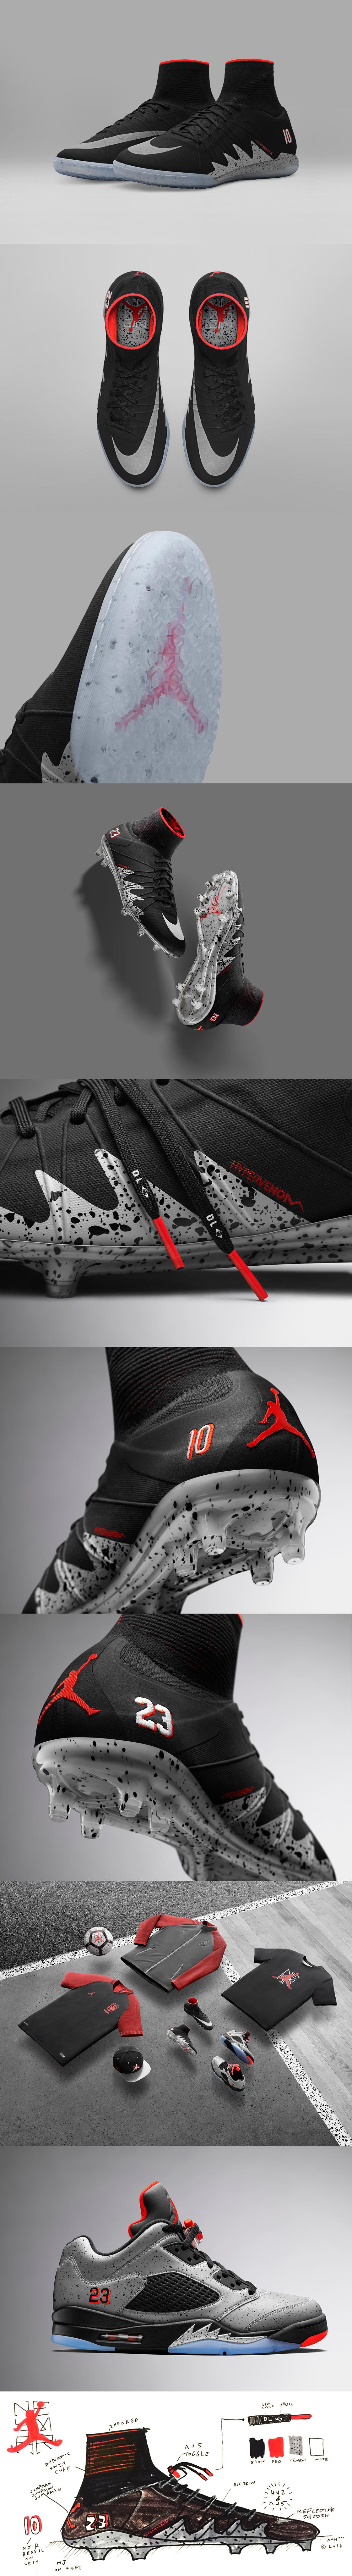 NEYMAR JR. X JORDAN COLLECTION Zapatillas Outlet De Nike 57da9329e769b